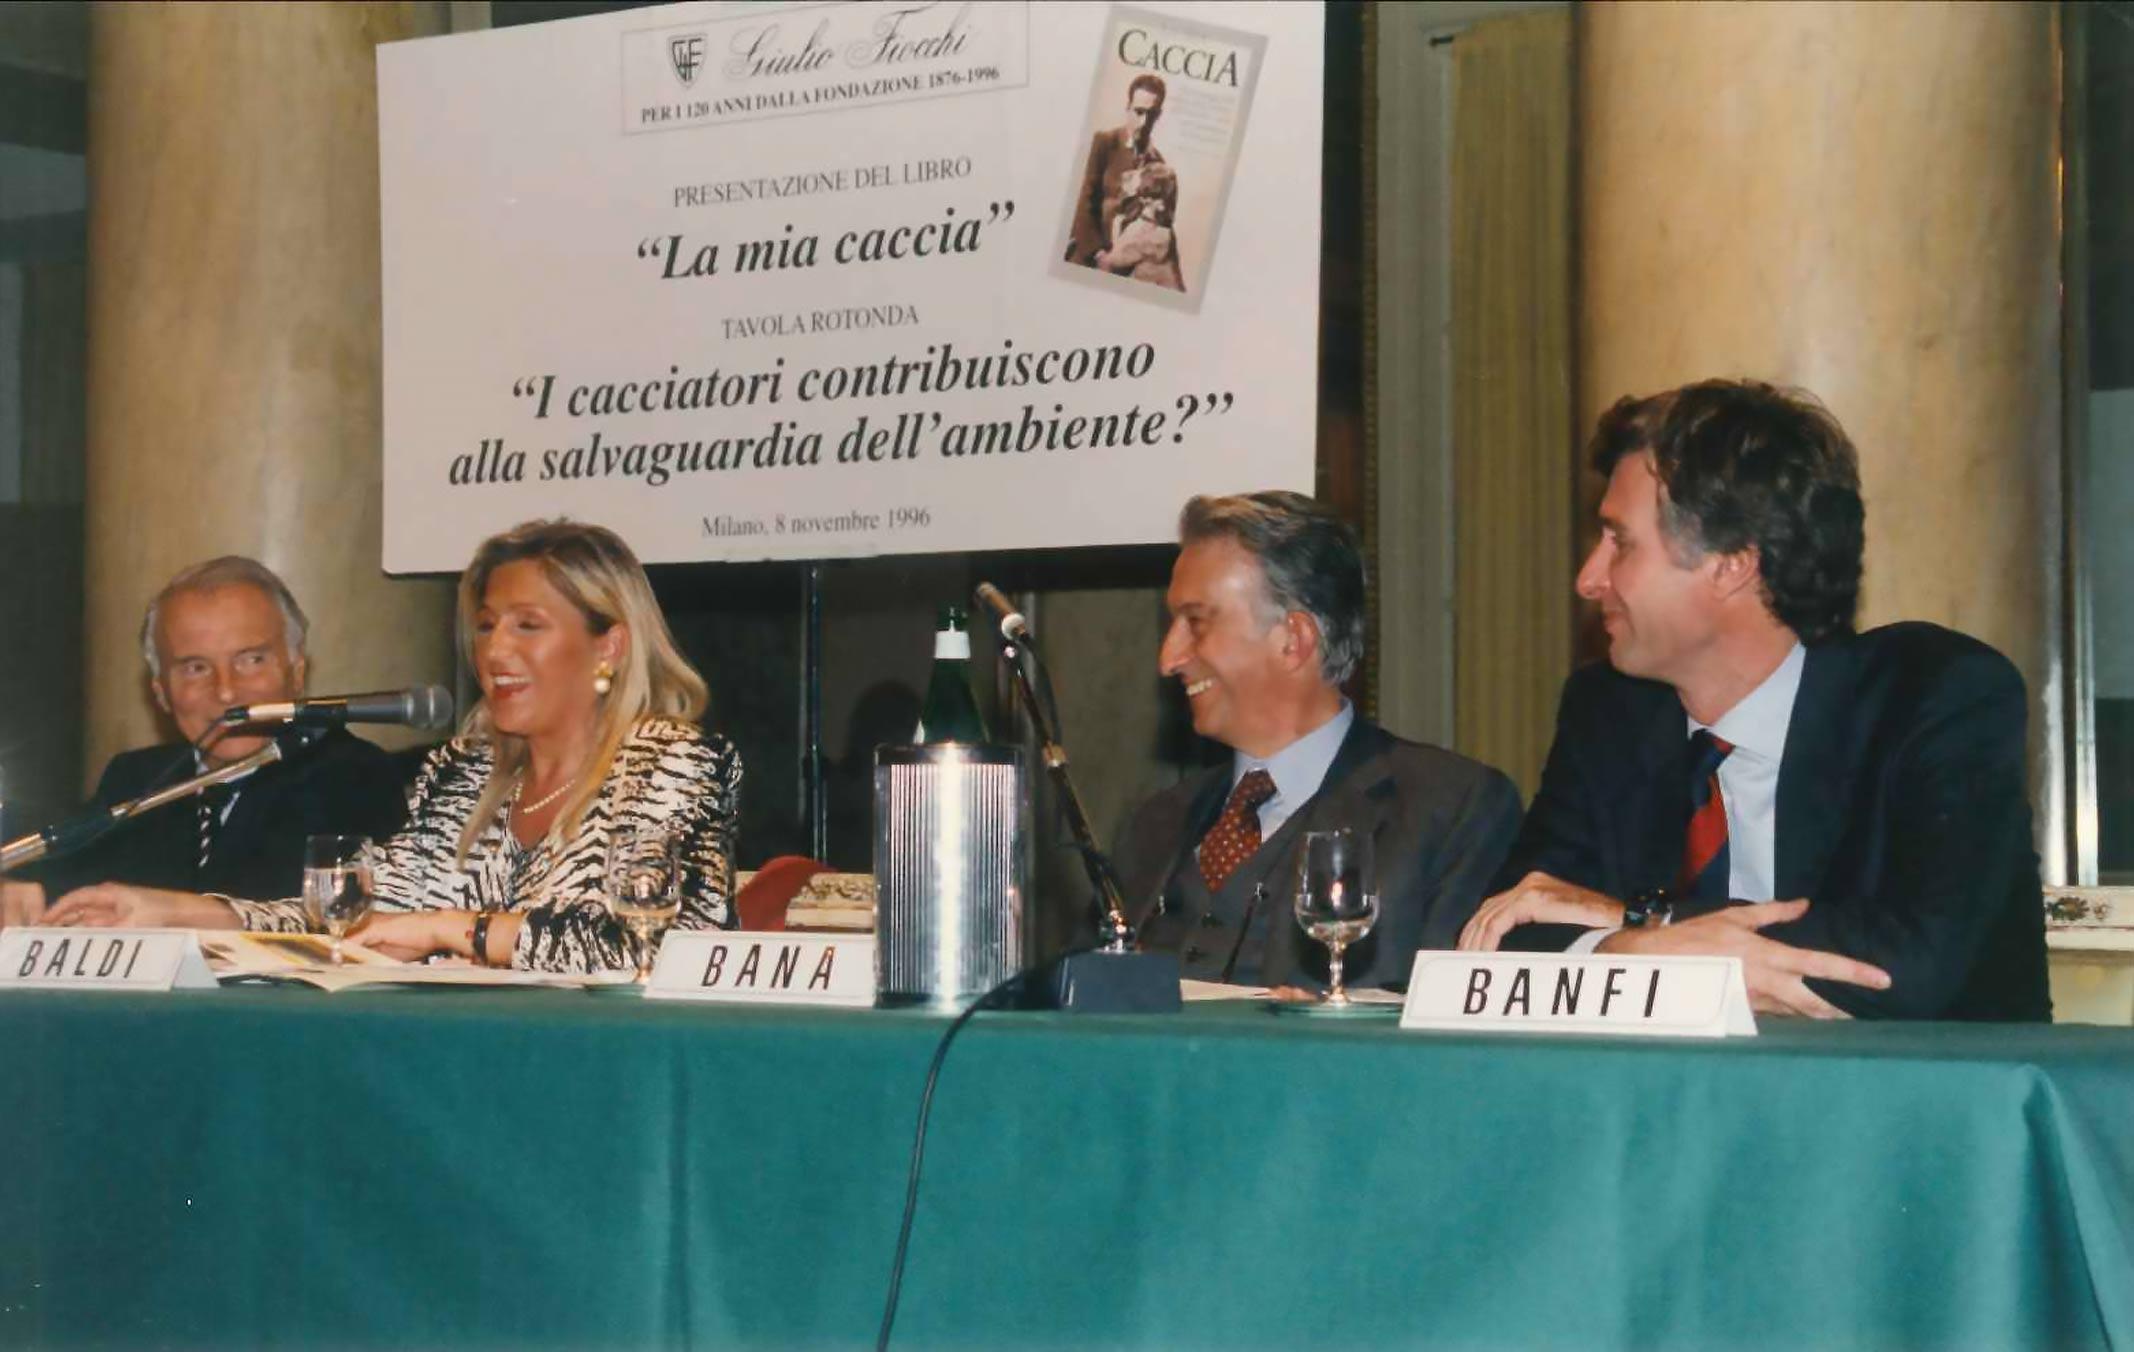 """Milano, 8 novembre 1996 - """"La mia caccia"""" di Fiocchi, Bana e Banfi"""